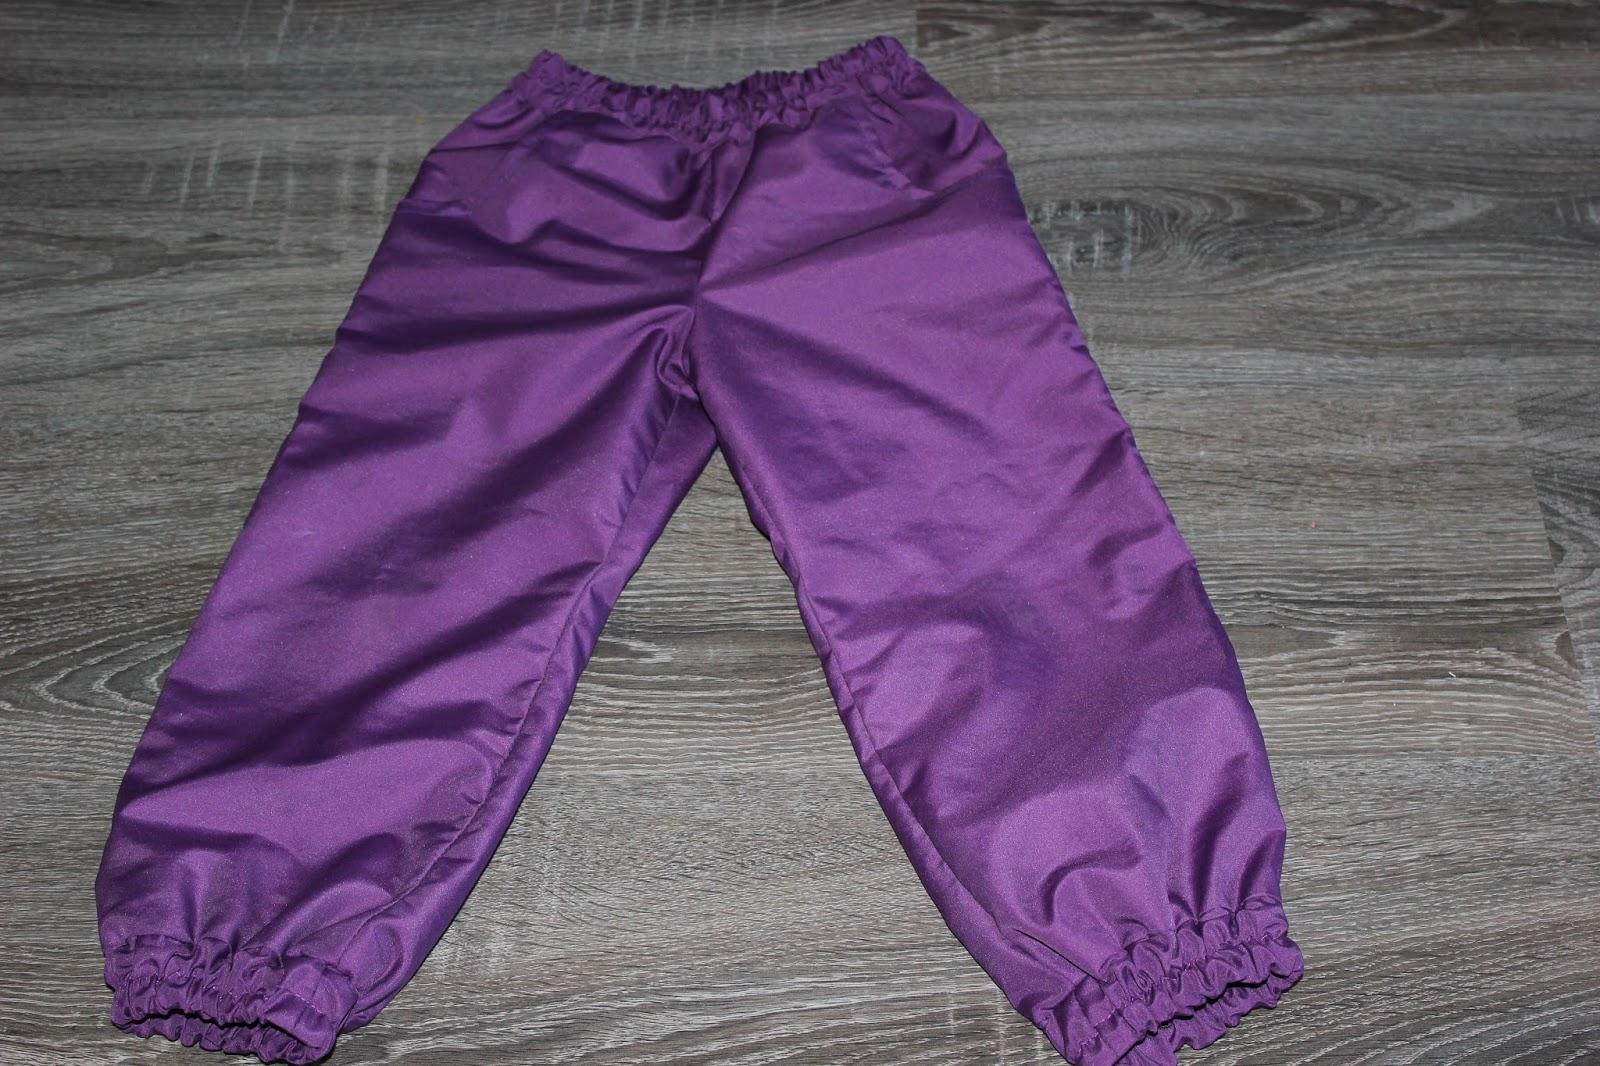 Как сшить детские штаны на резинке из плащевки 75